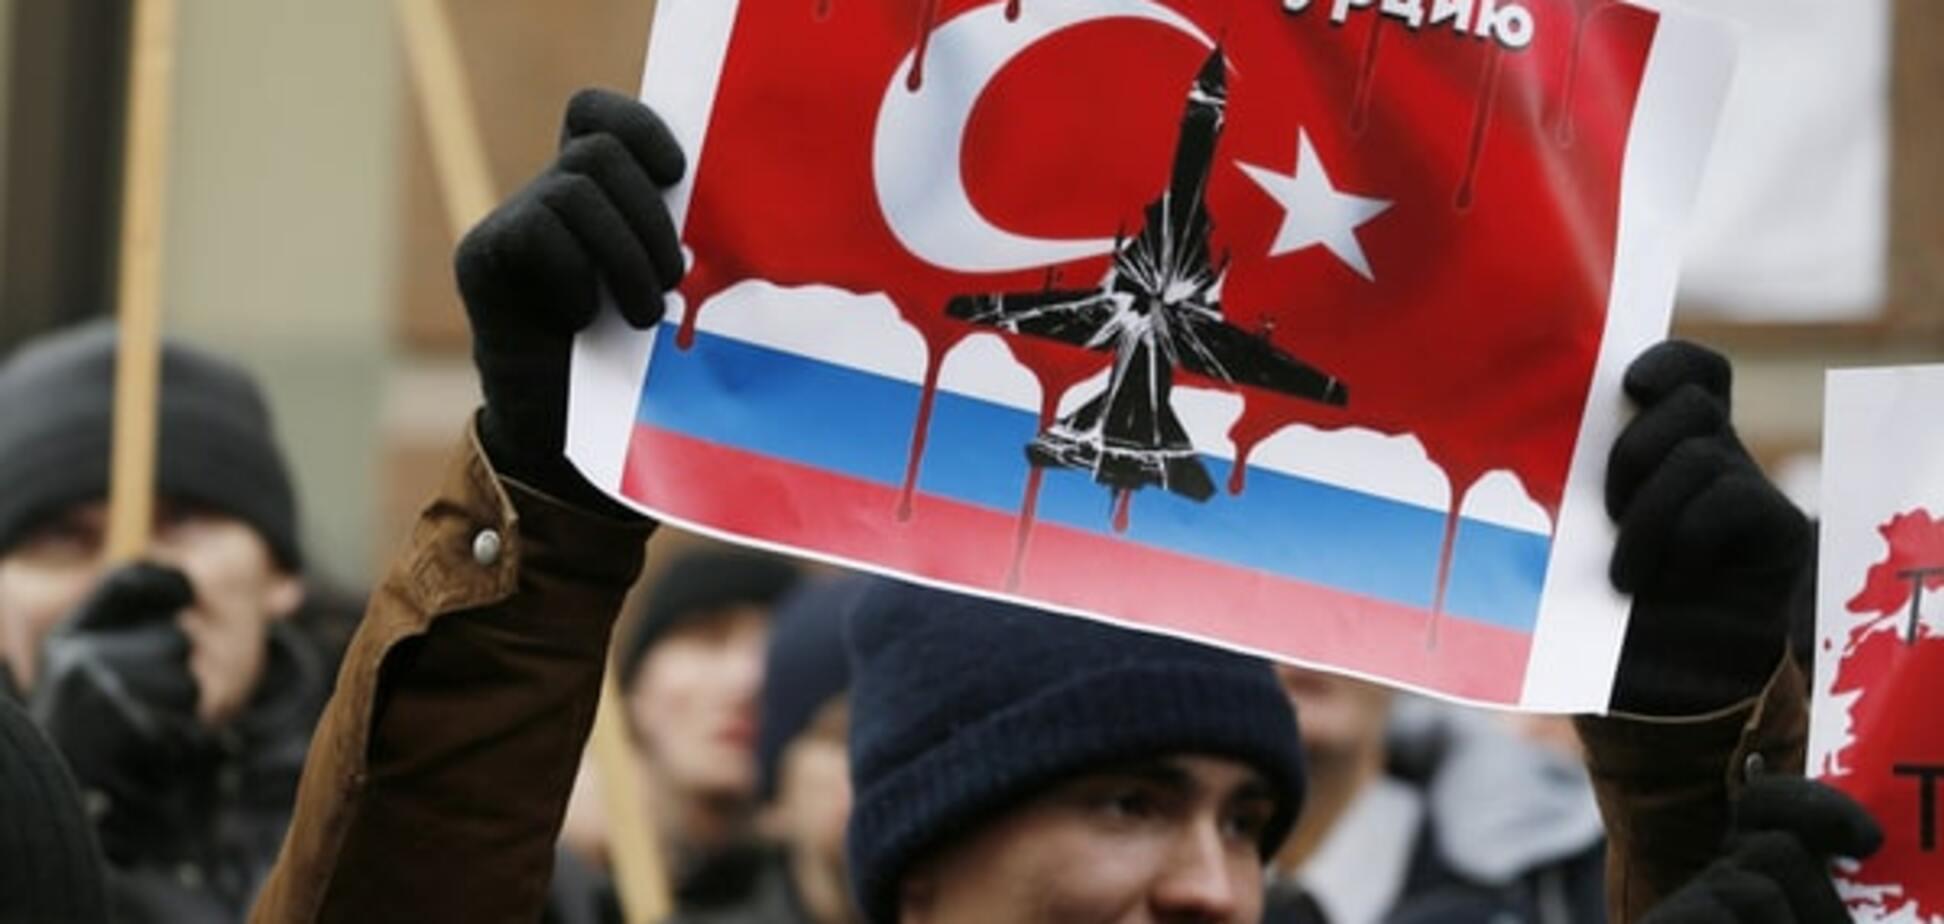 Генерал объяснил, почему Путину не стоит ругаться с Турцией